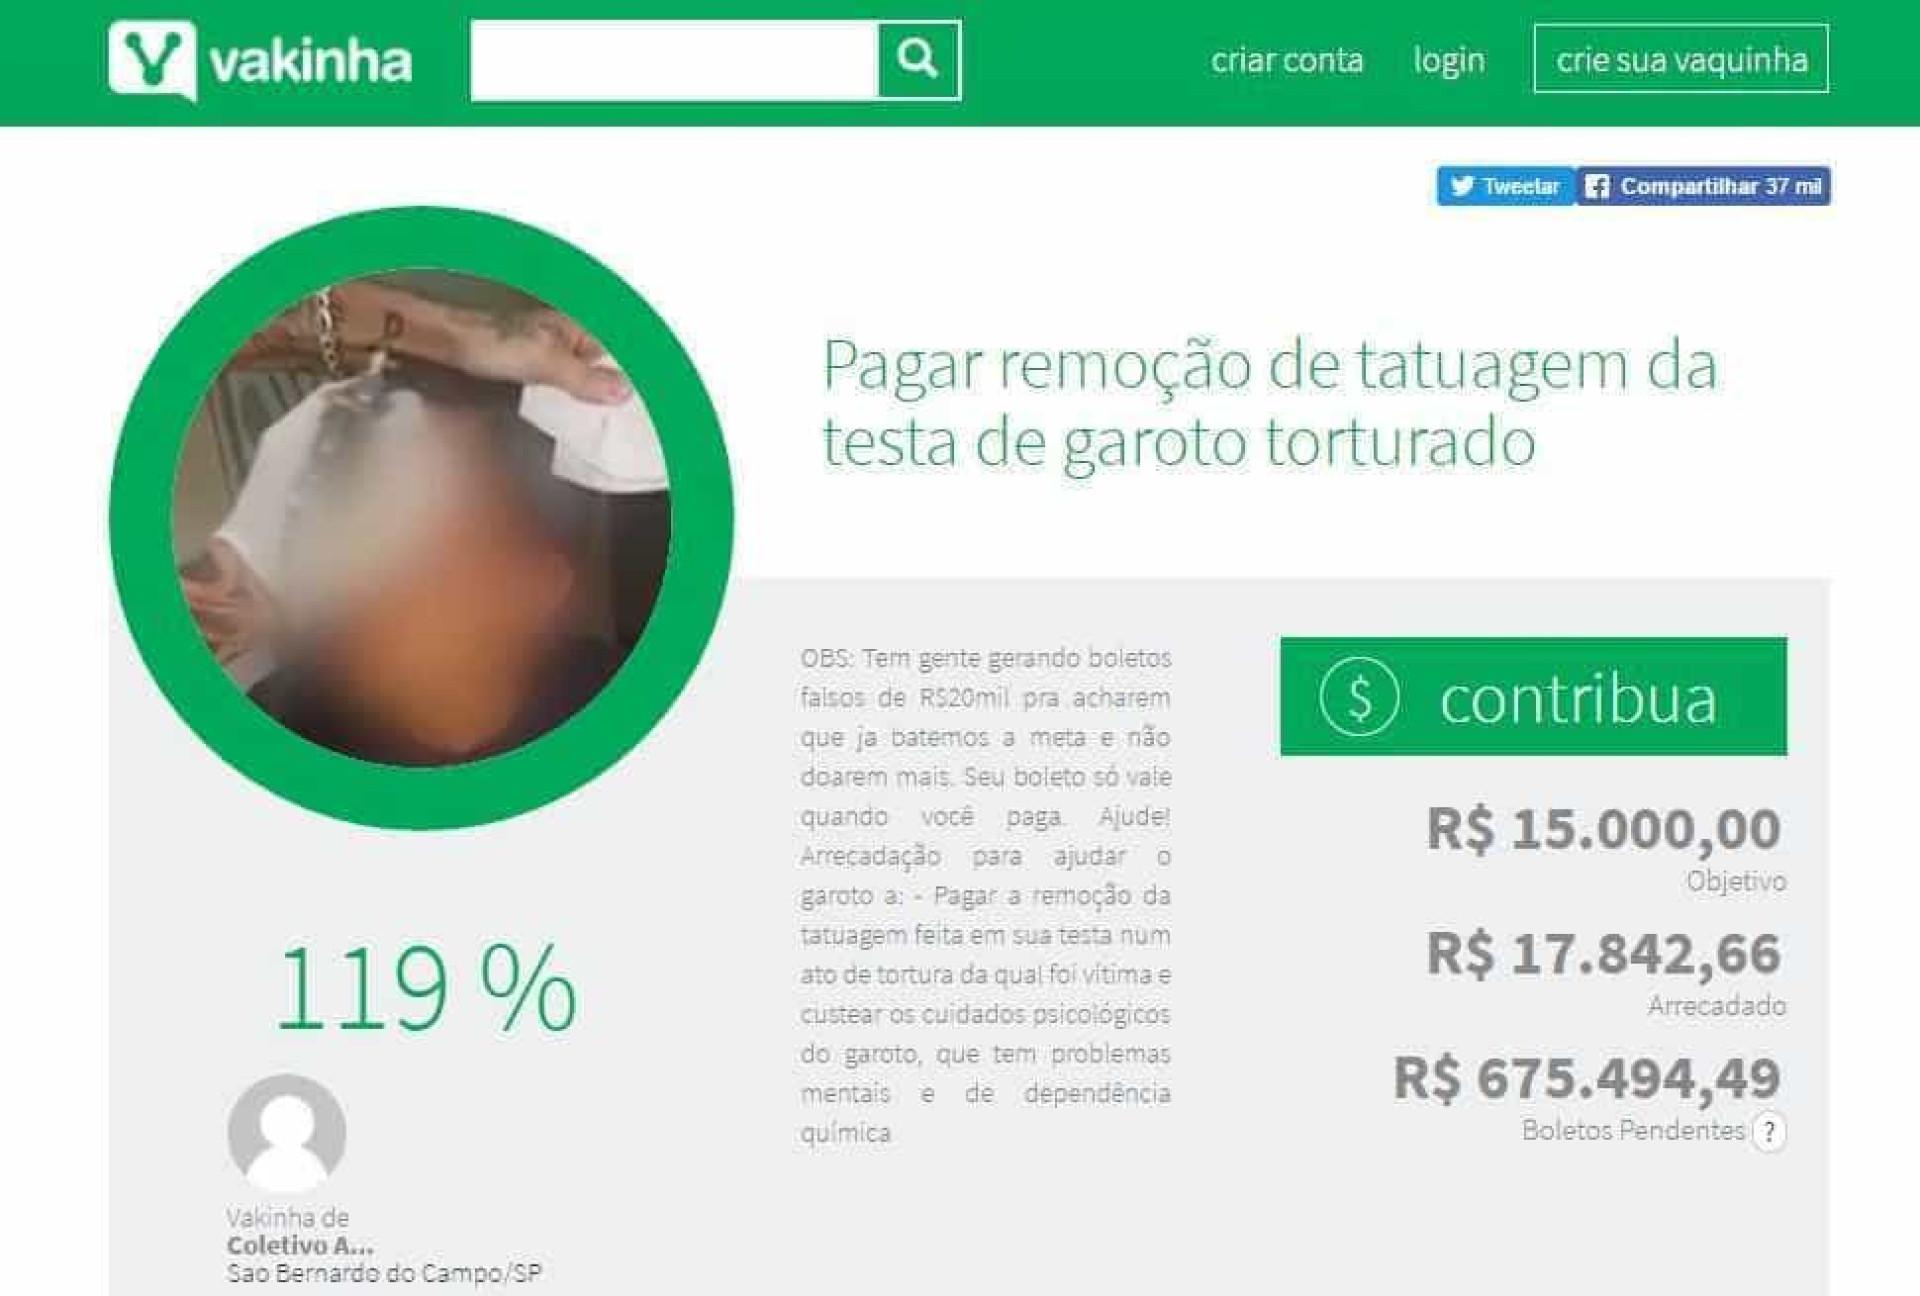 Retrospectiva: as notícias que marcaram o Brasil e o mundo em 2017